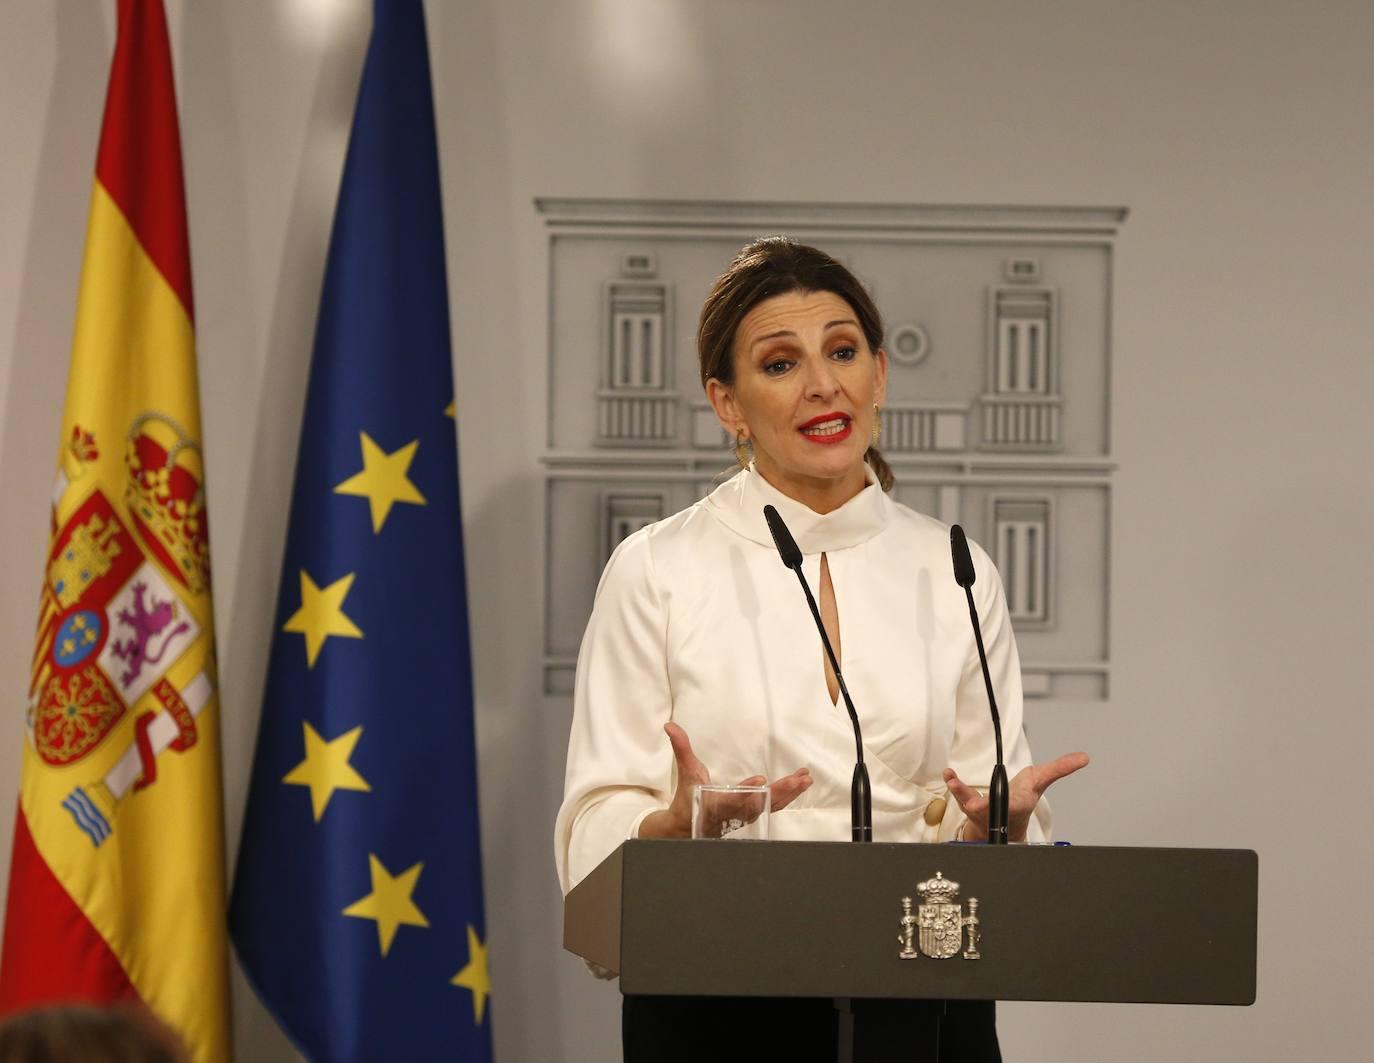 La ministra de trabajo, Yolanda Díaz. /Javier Lizón / EFE